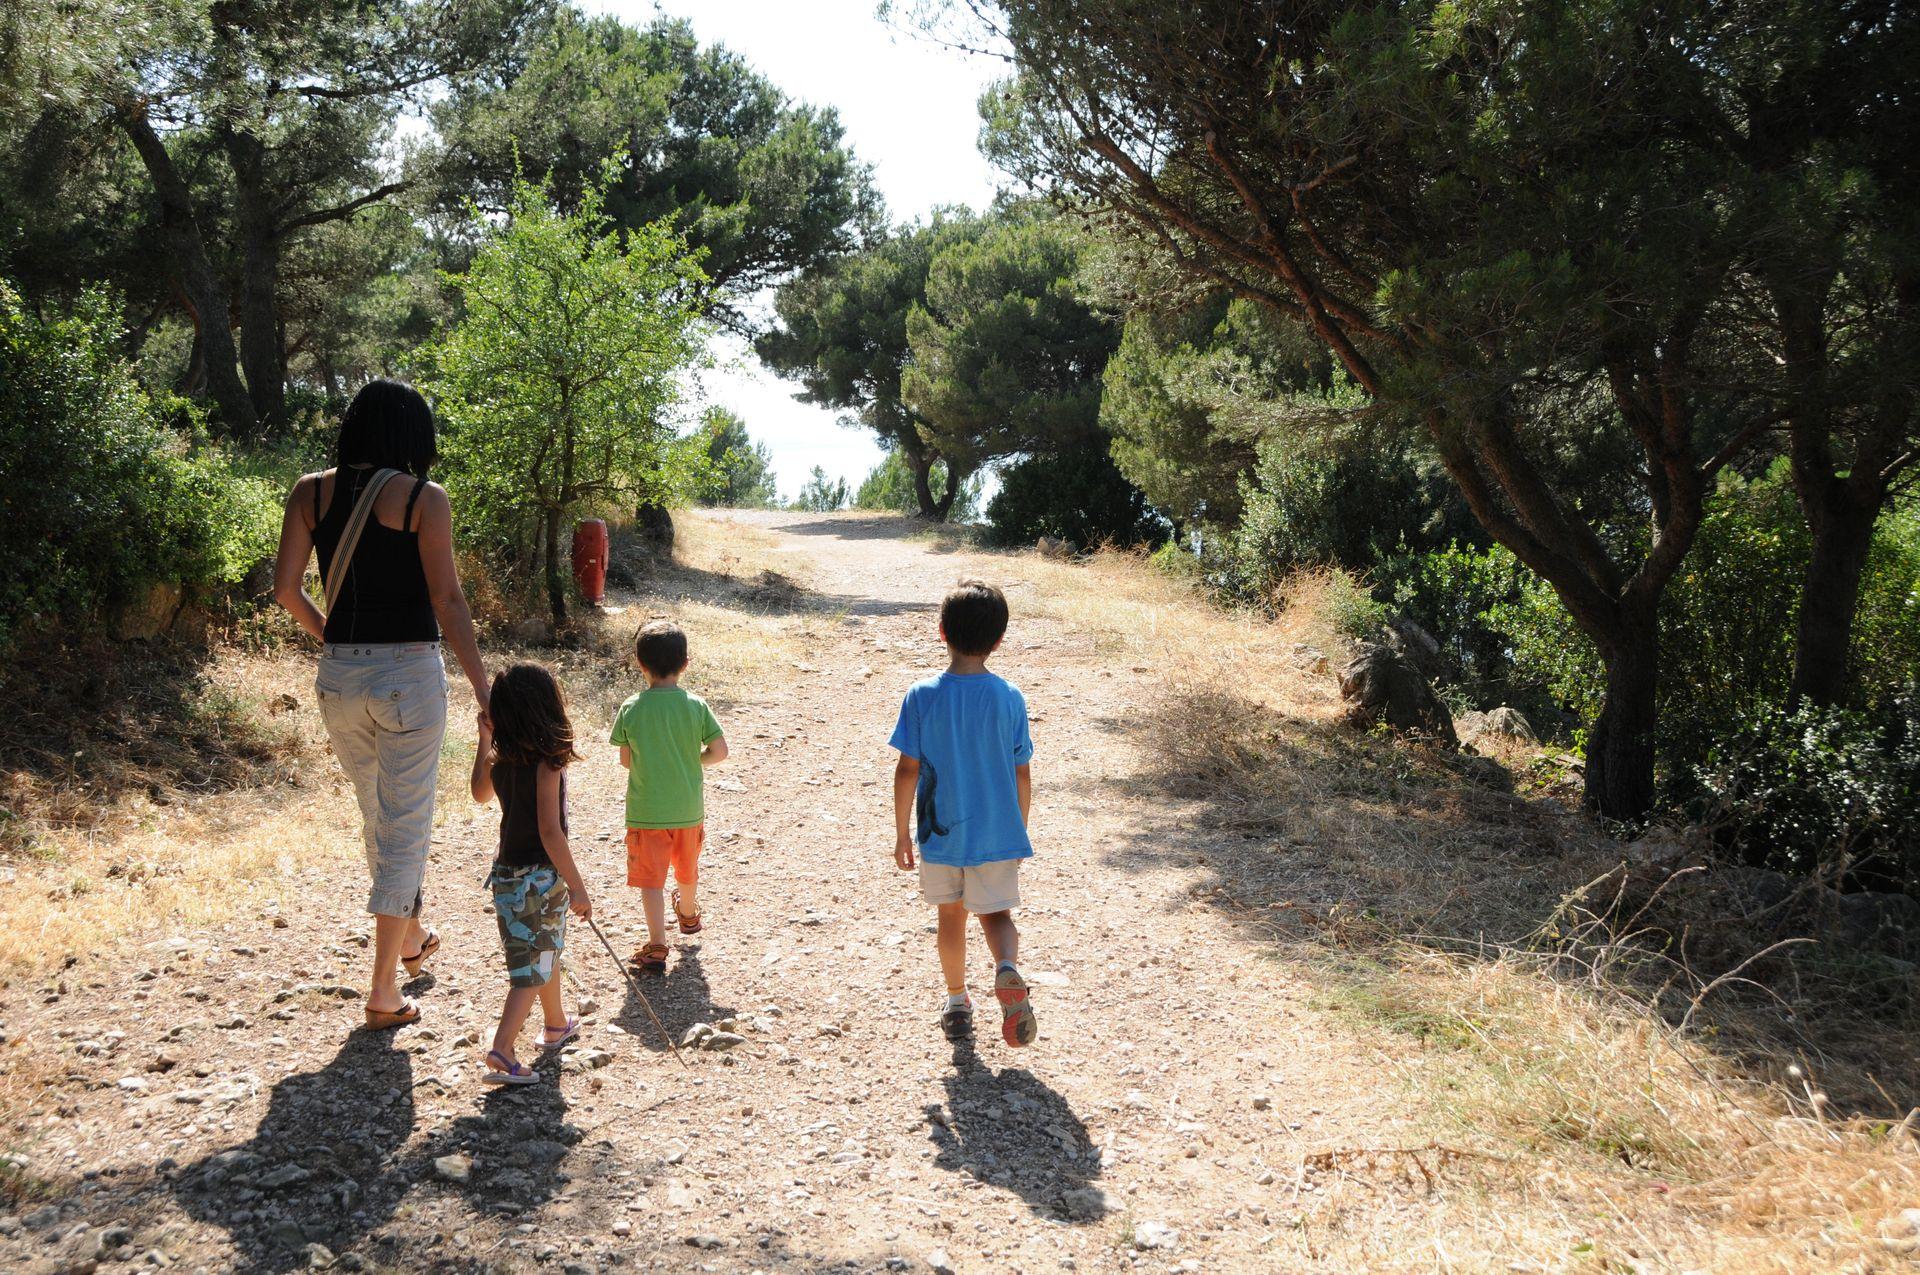 Famille en balade à la forêt des Pierres Blanches à Sète